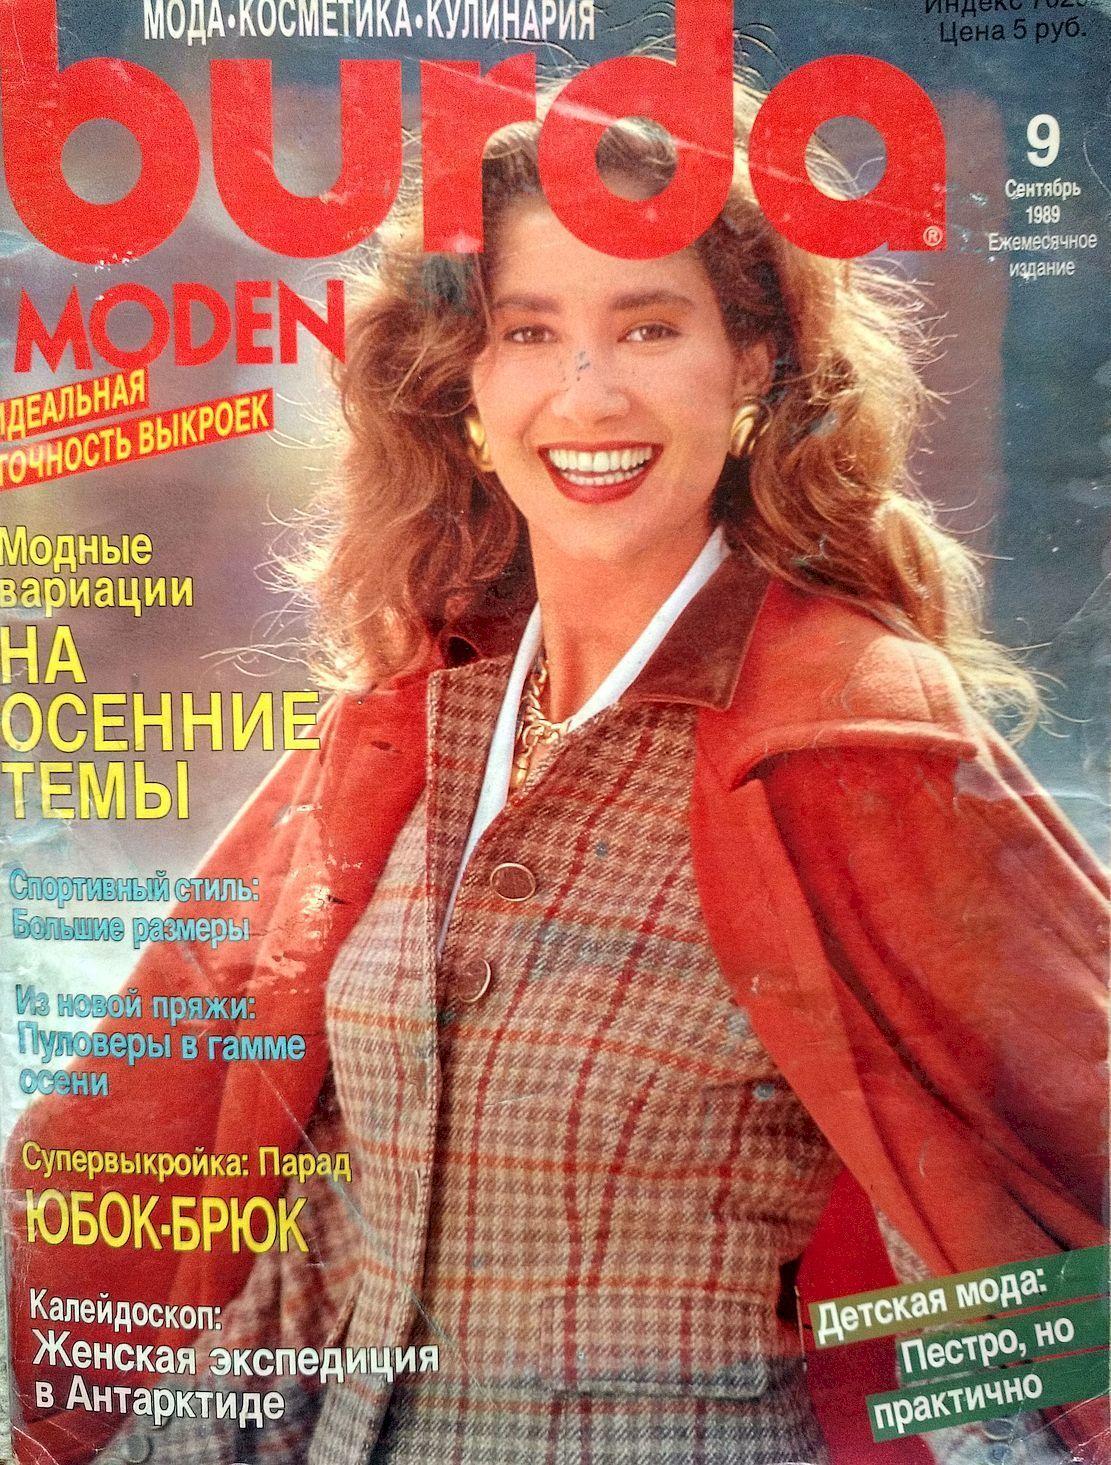 Burda Moden № 9/1989 журнал, Выкройки для шитья, Москва,  Фото №1